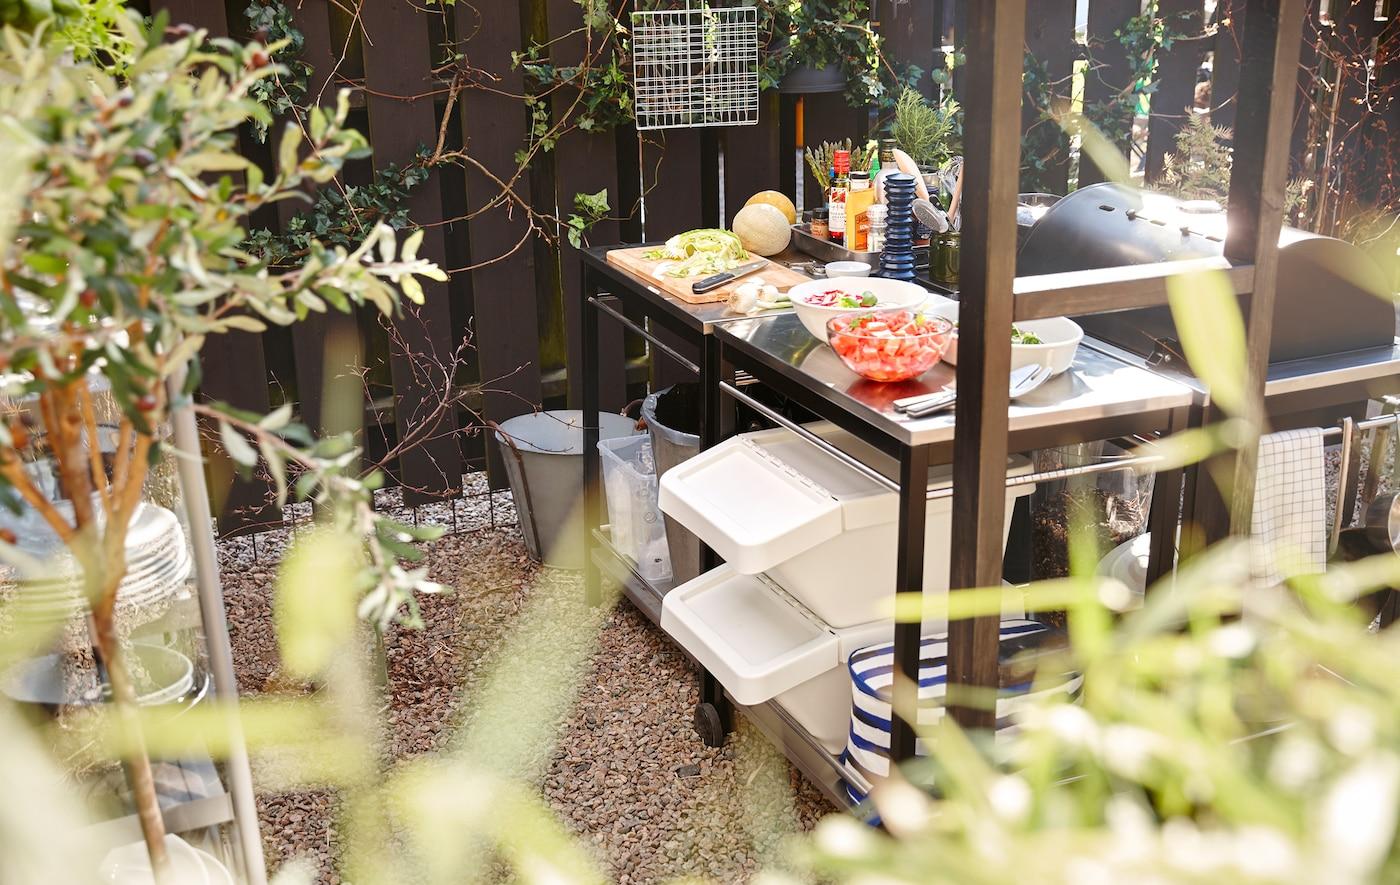 Full Size of Outdoor Kche Kochen Im Freien Ikea Deutschland Hängeschrank Küche Gebrauchte Amerikanische Kaufen Unterschränke Wasserhahn Für Weisse Landhausküche Wohnzimmer Outdoor Küche Ikea